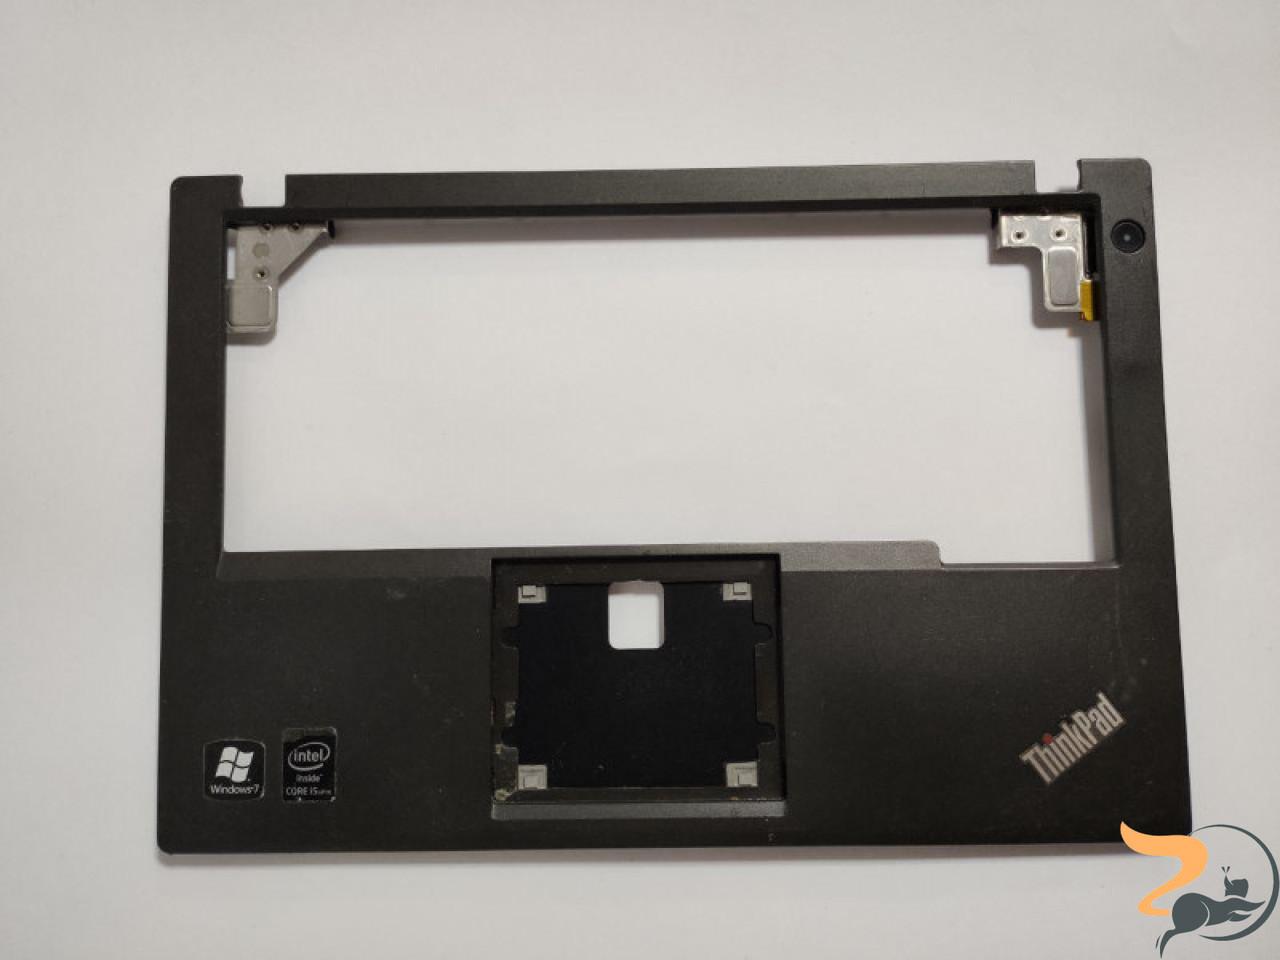 """Середня частина корпуса для ноутбука Lenovo Thinkpad X240, 250, 12.5"""", AP0SX000C00, 04X5181, б/в. У лівому куті є маленька тріщина"""